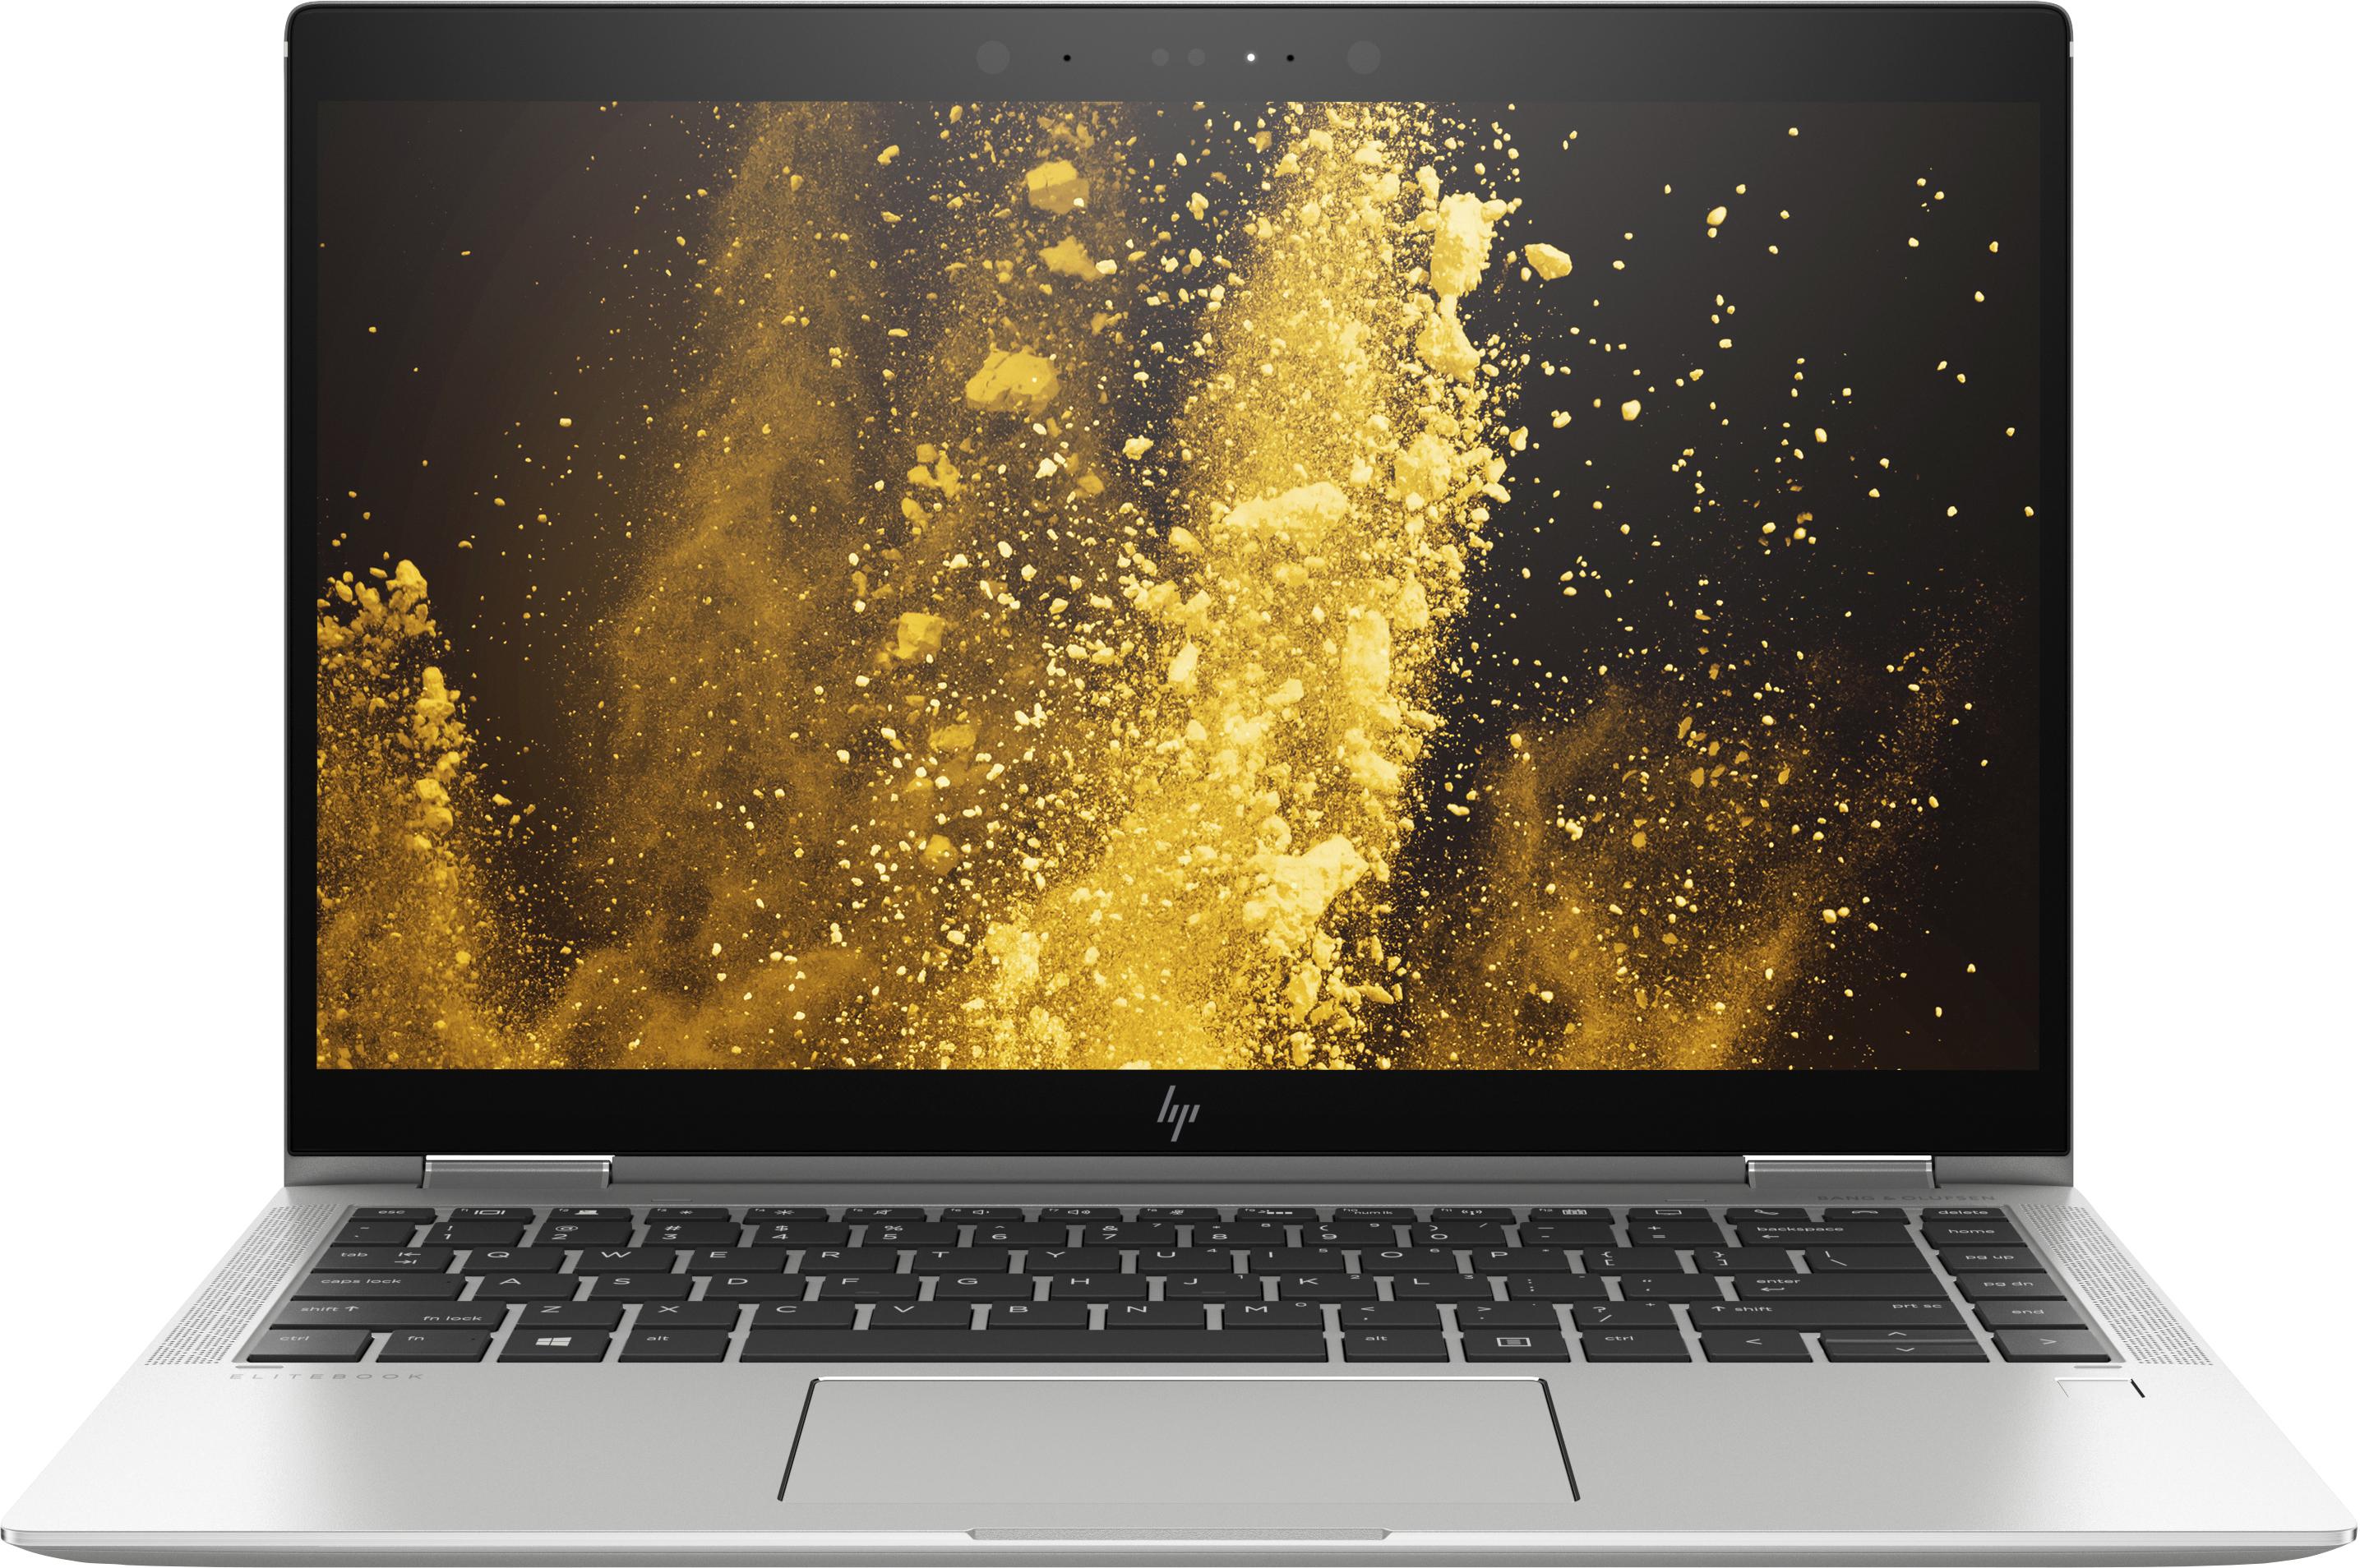 HP EliteBook x360 1040 G5 - Intel® Core™ i5 der achten Generation - 1,60 GHz - 35,6 cm (14 Zoll) - 1920 x 1080 Pixel - 16 GB - 512 GB